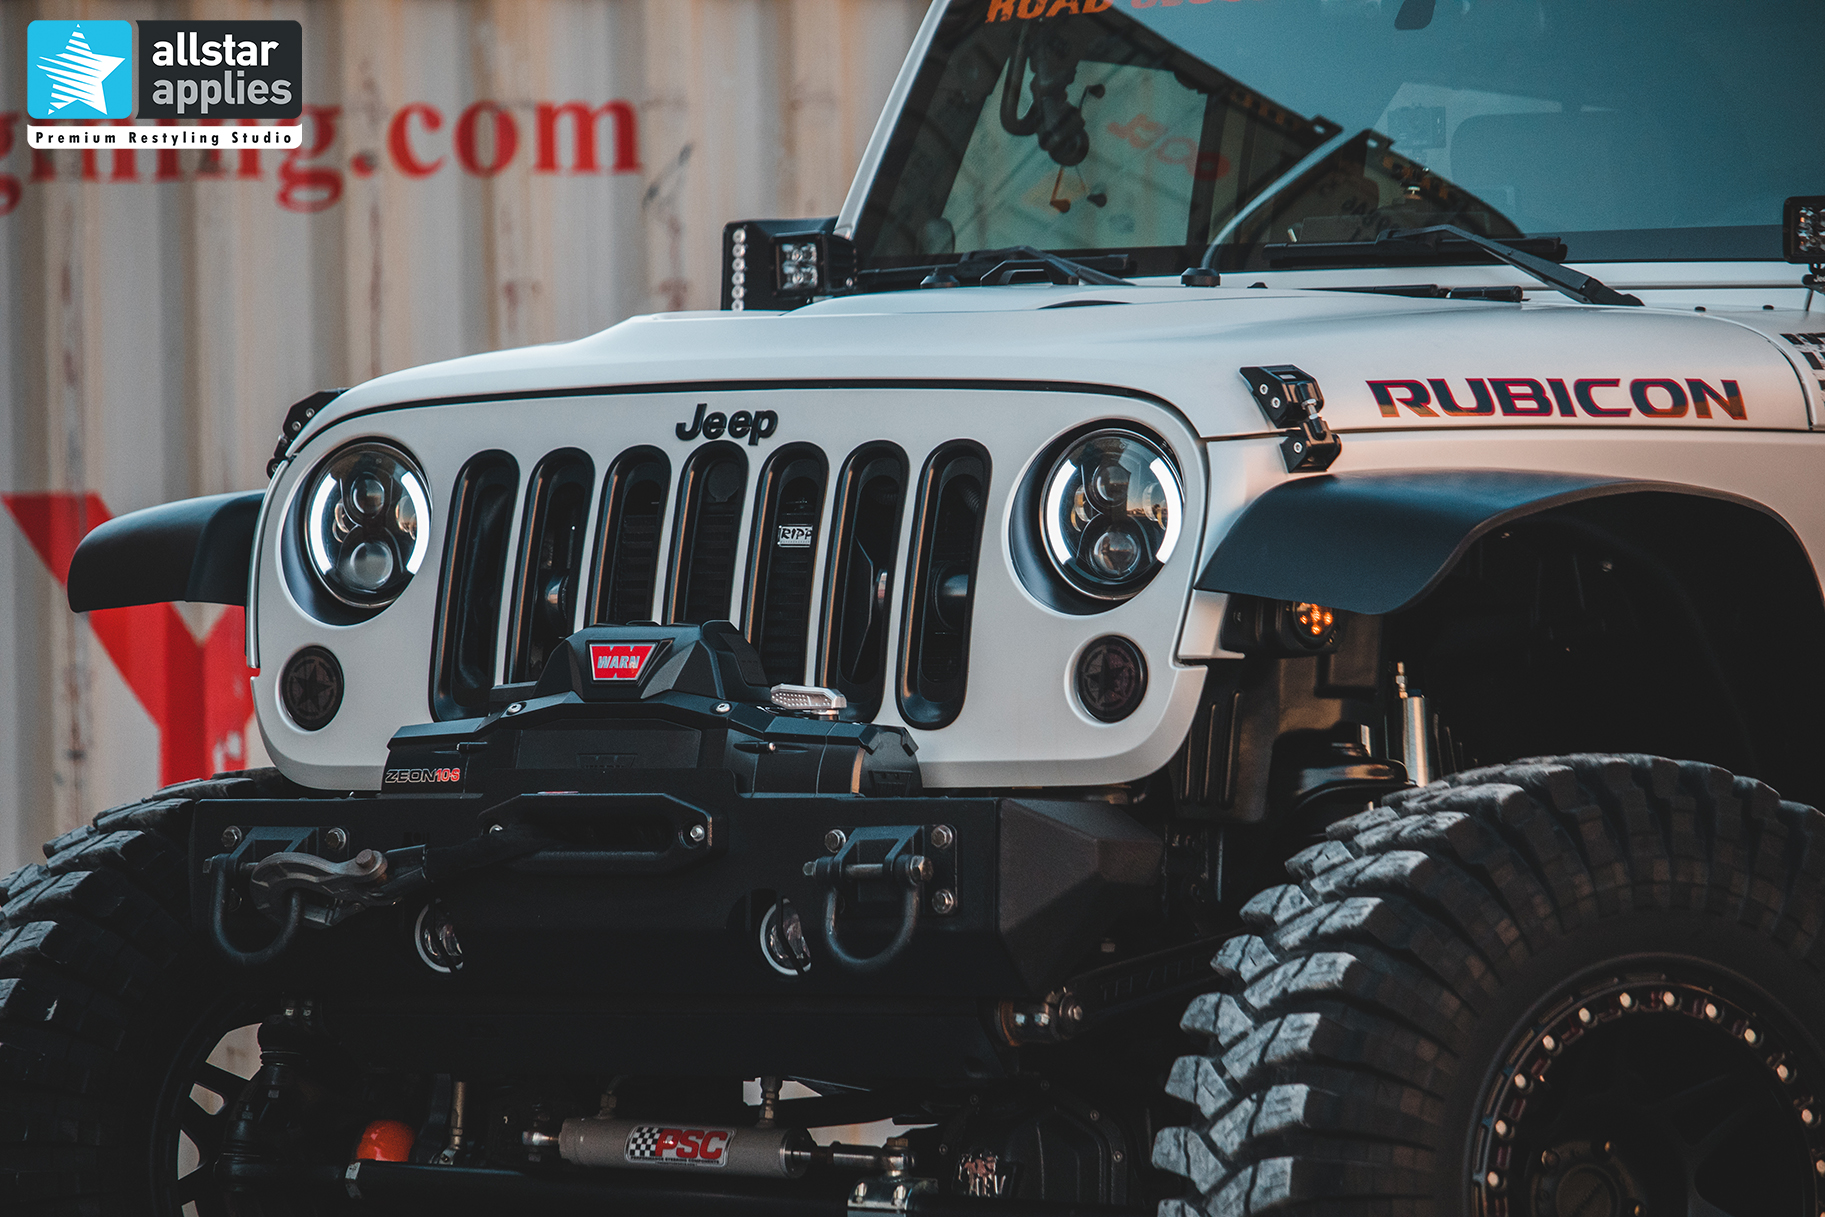 Jeep Rubicon αλλαγή χρώματος με αυτοκόλλητα στη θεσσαλονίκη allstar applies